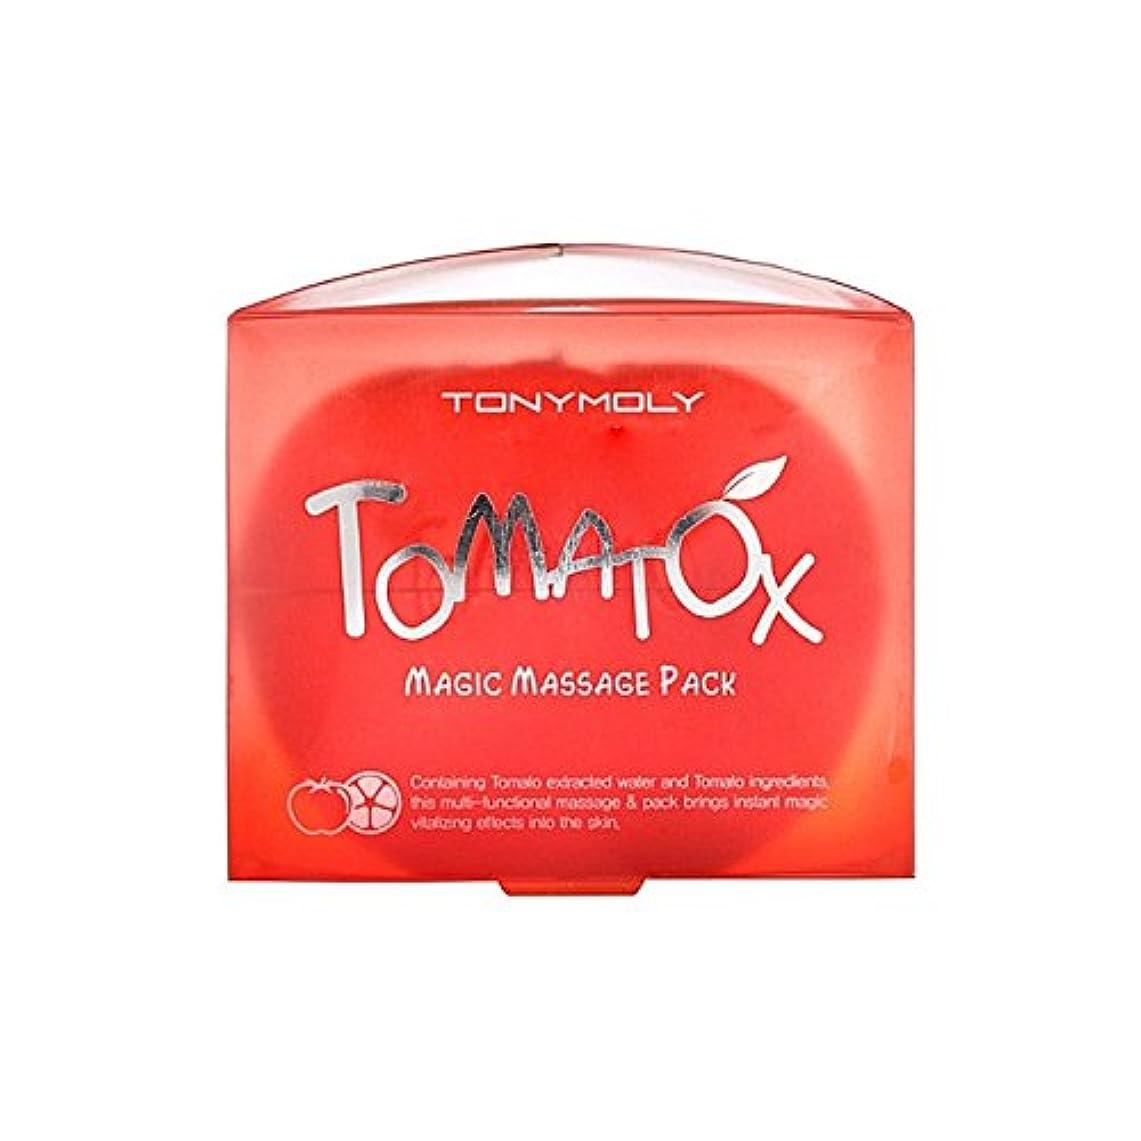 実験をする今晩調和のとれたトニーモリー魔法マッサージパック80グラム x4 - Tony Moly Tomatox Magic Massage Pack 80G (Pack of 4) [並行輸入品]